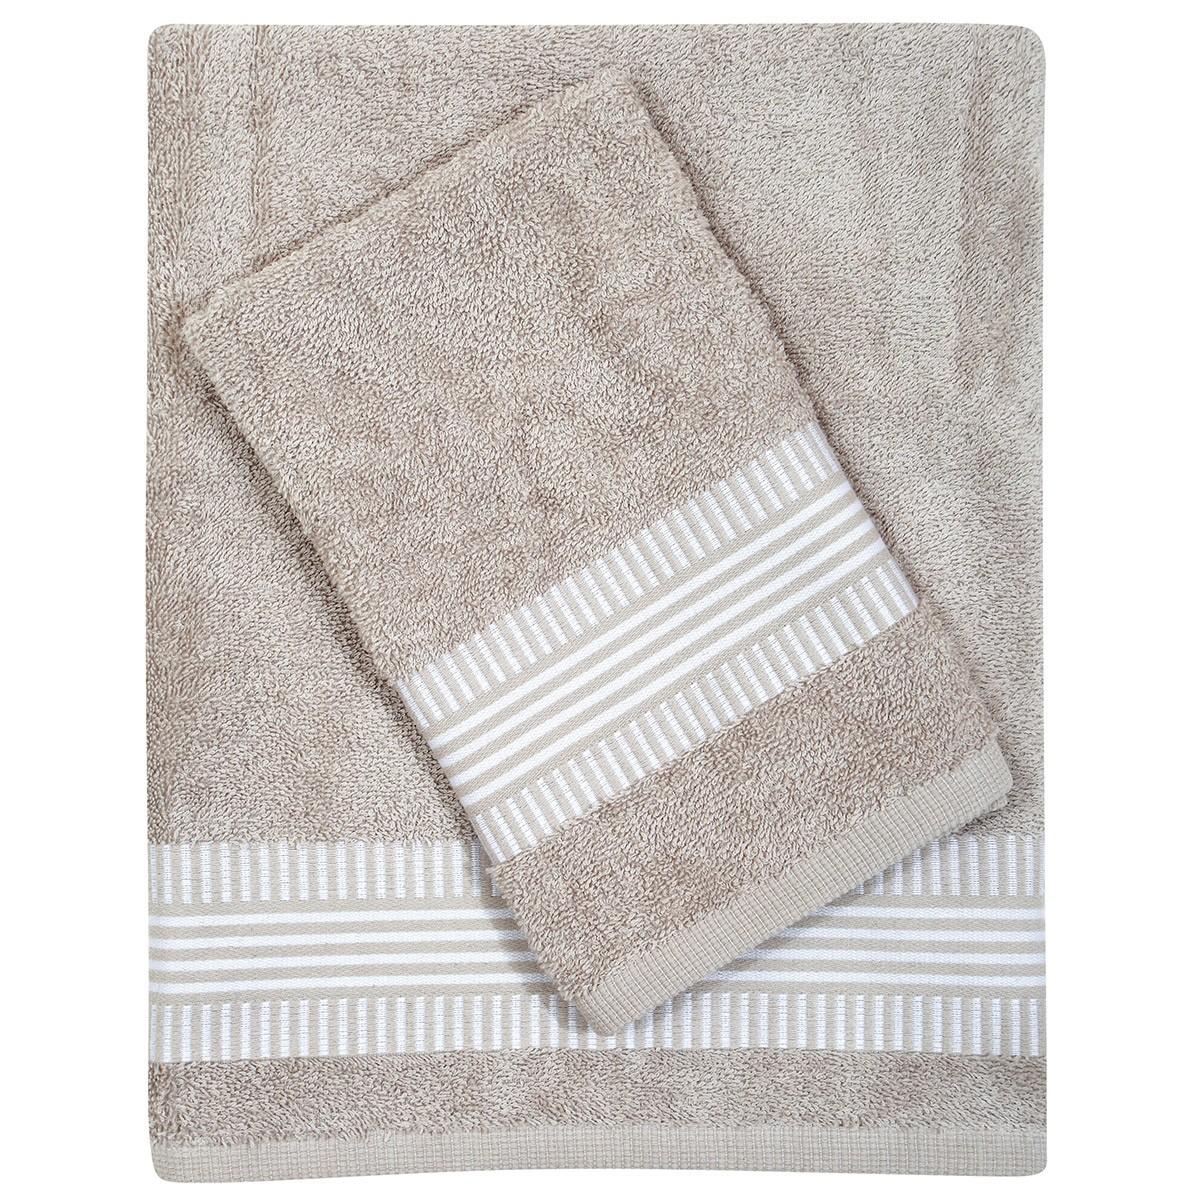 Πετσέτες Μπάνιου (Σετ 3τμχ) Das Home Best 346 89996